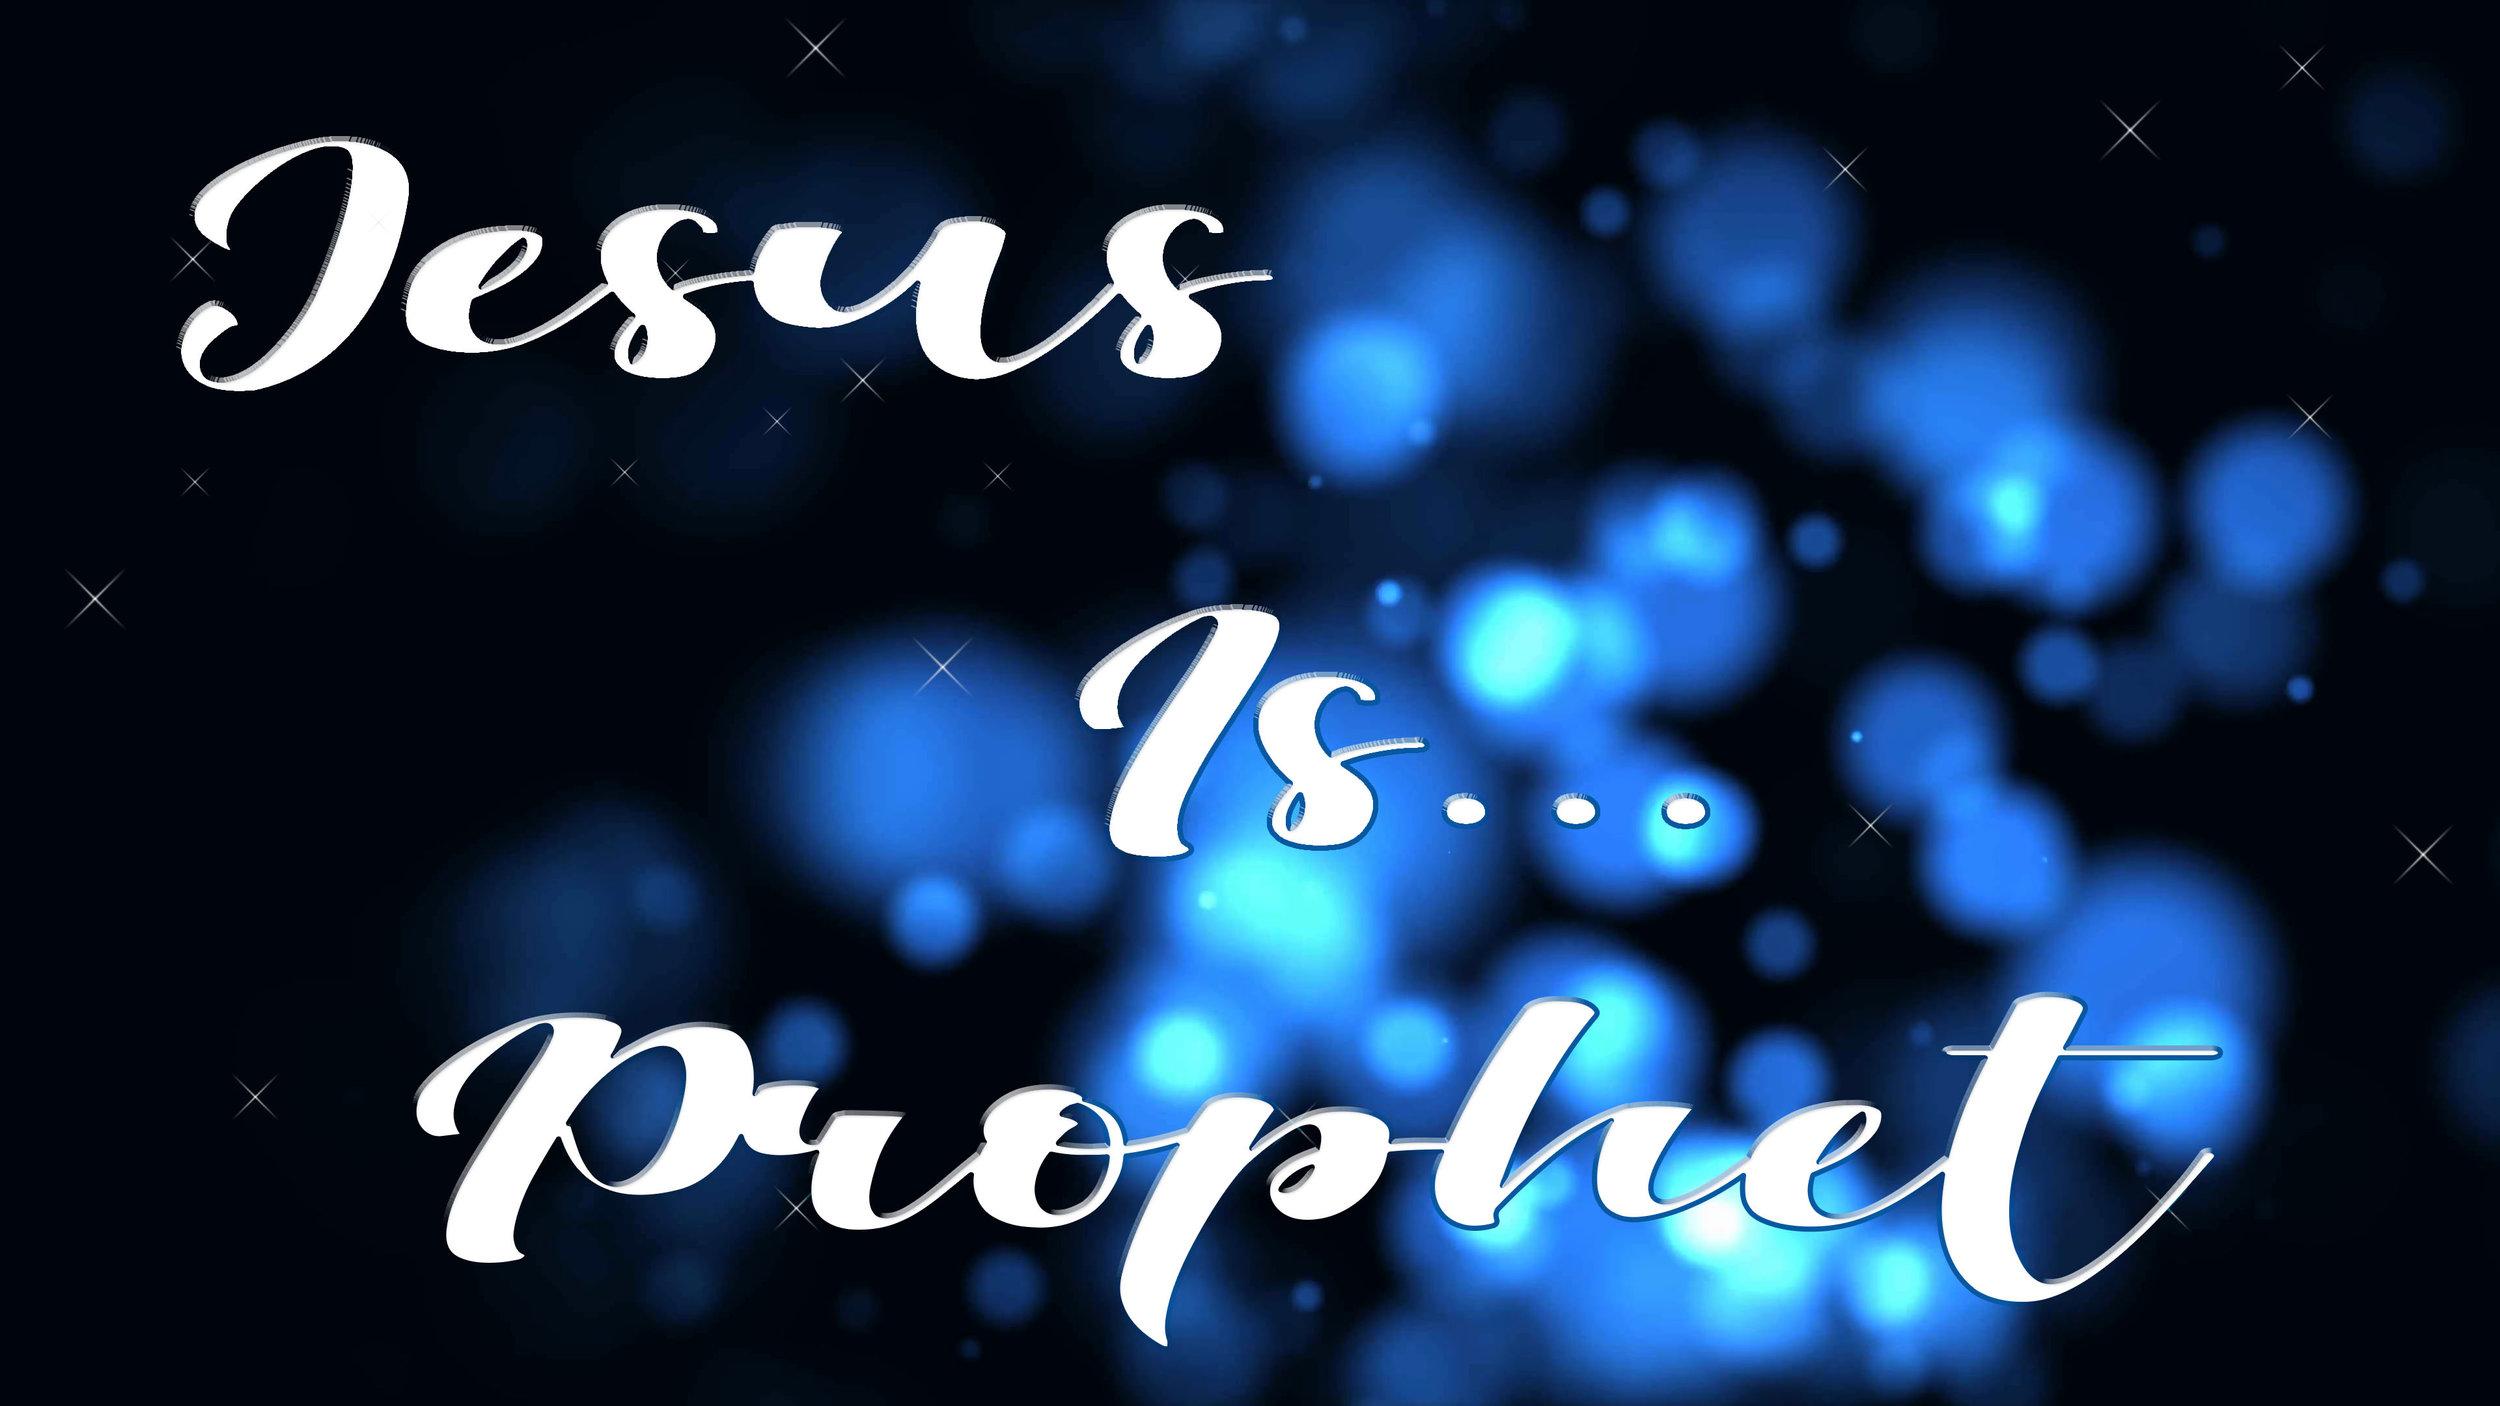 jesus is prophet.jpg